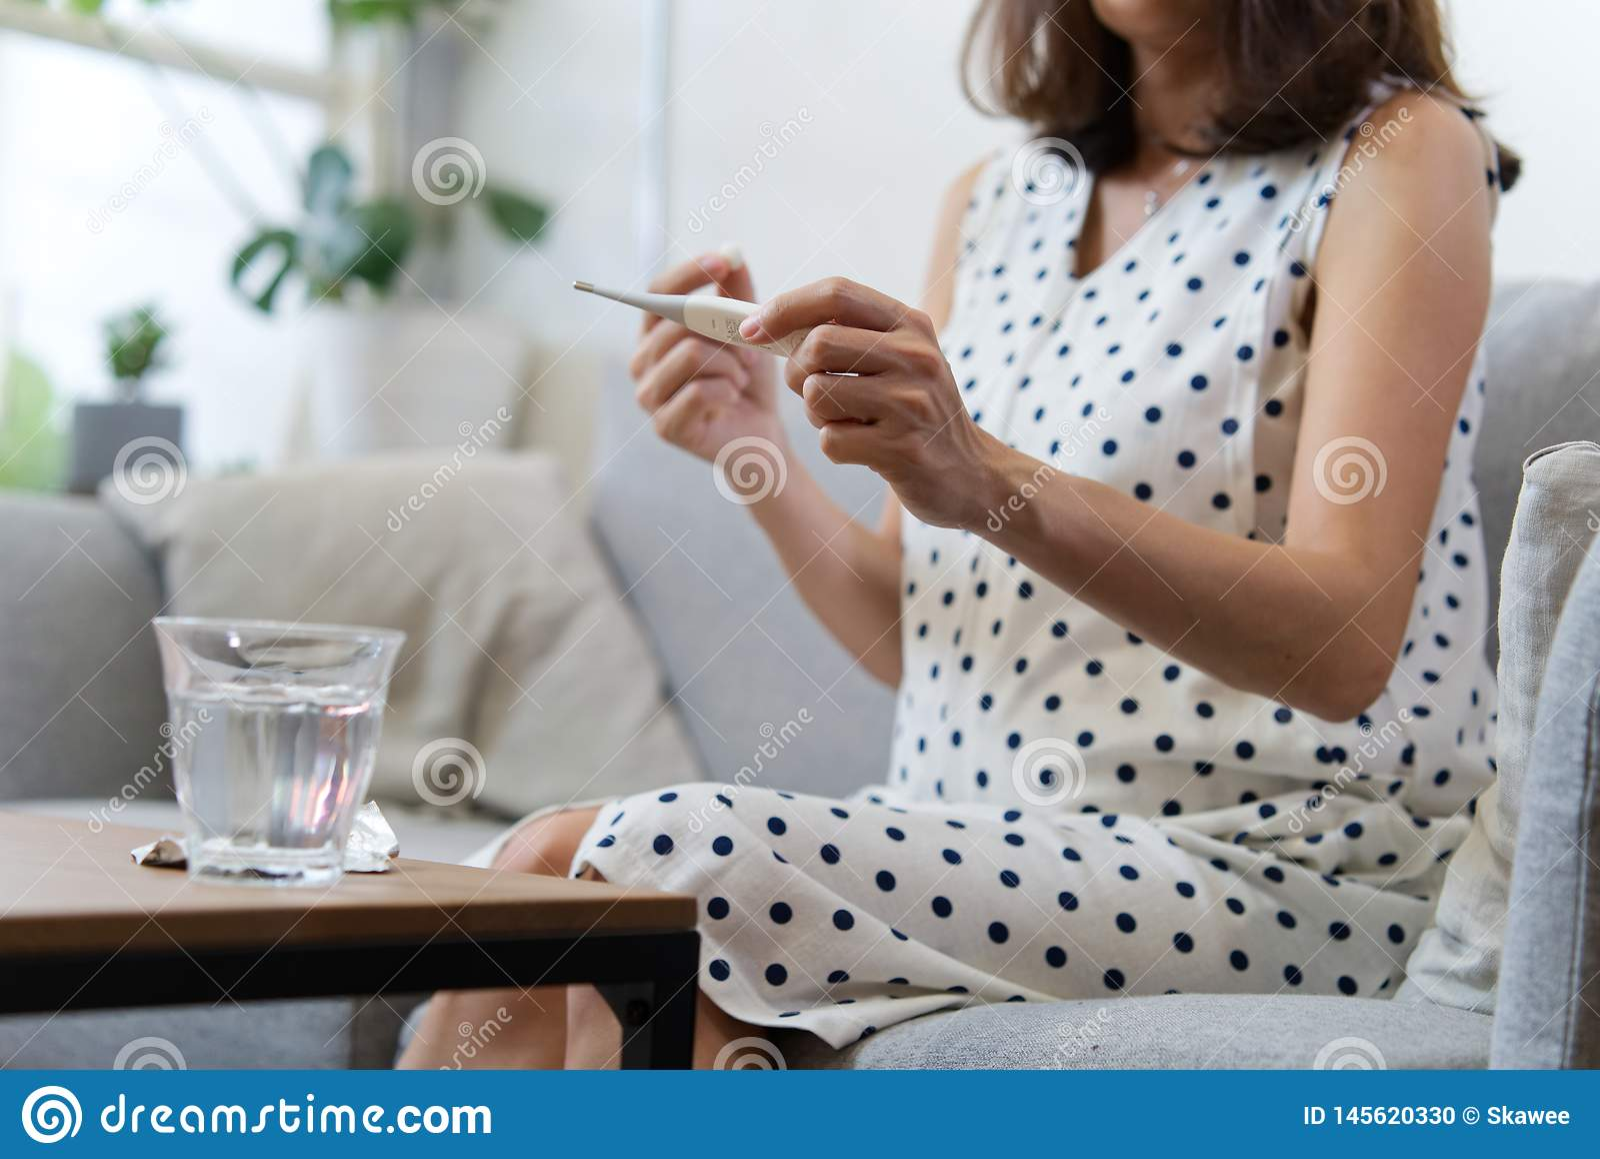 坐沙发在左手的藏品温度计和钻孔医学的亚裔孕妇在右手